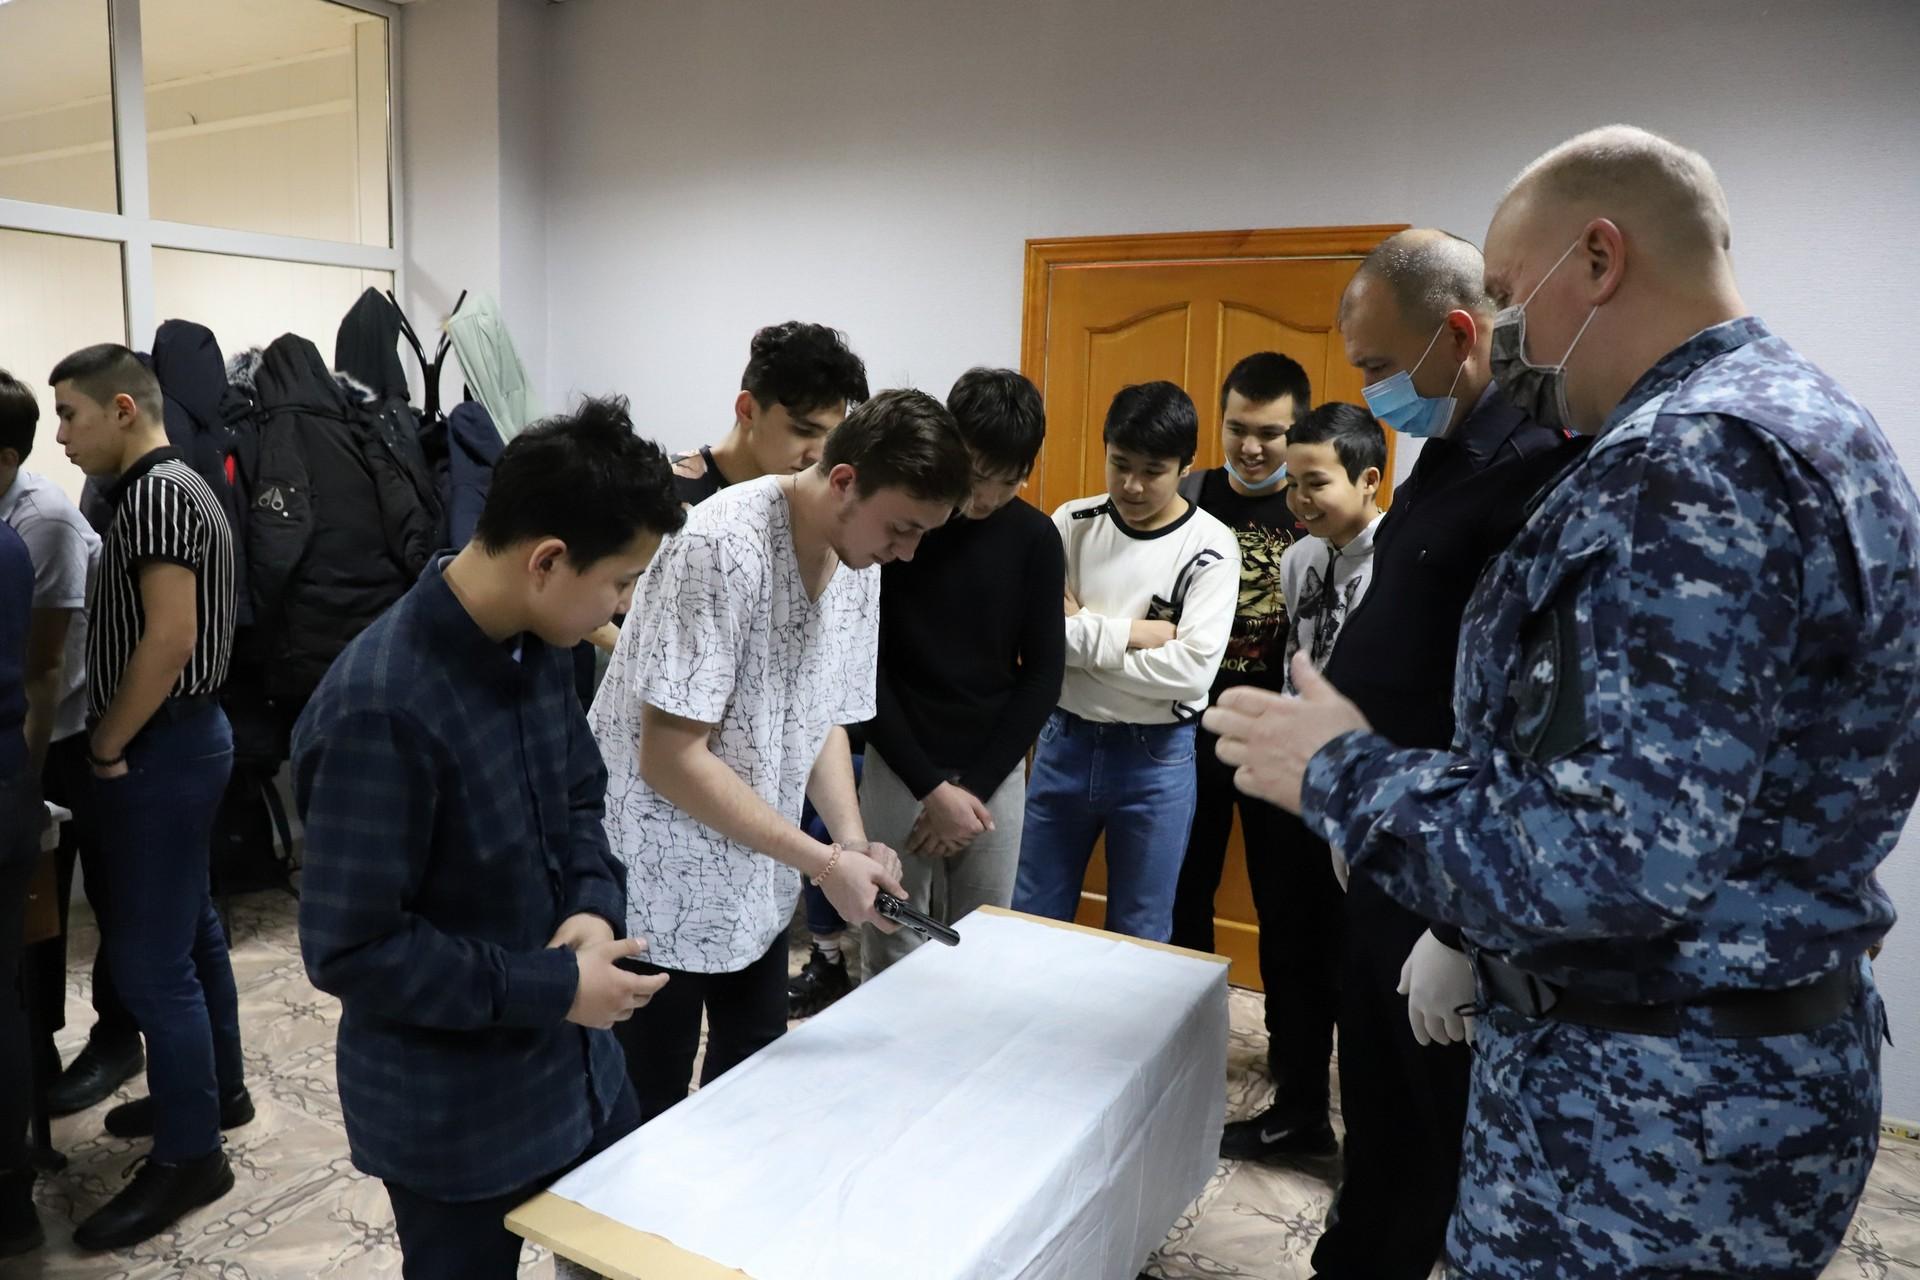 В «Звездном кампусе» молодежи показали приёмы рукопашного боя и учили разбирать автомат